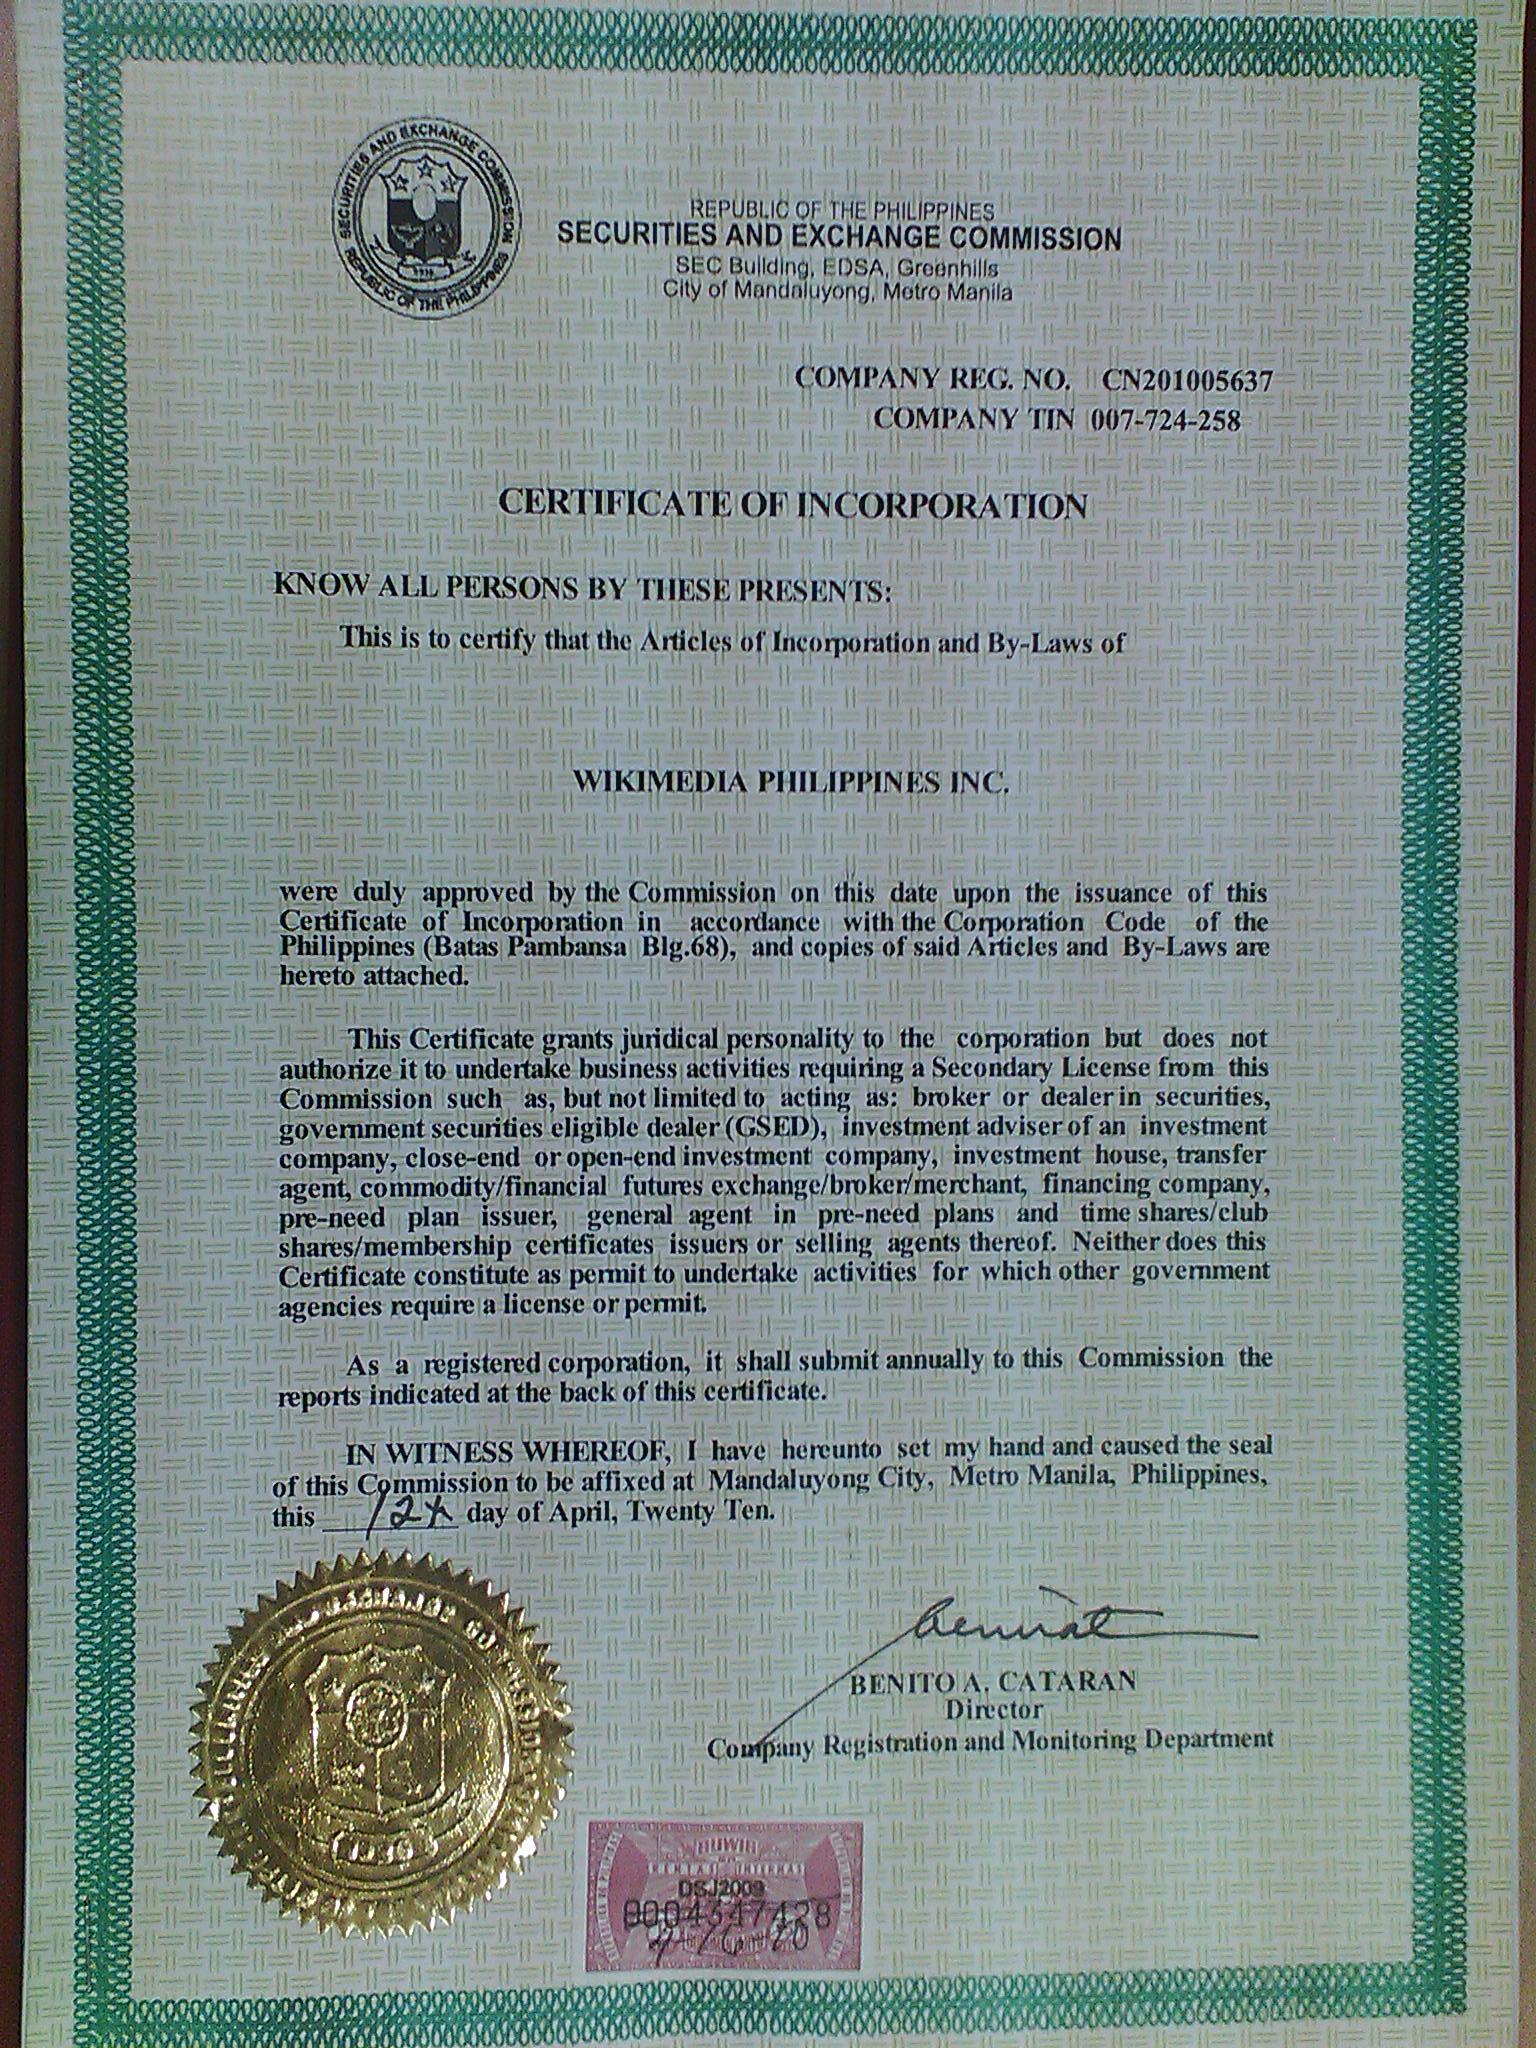 Description Wikimedia Philippines Certificate of Incorporation.jpg